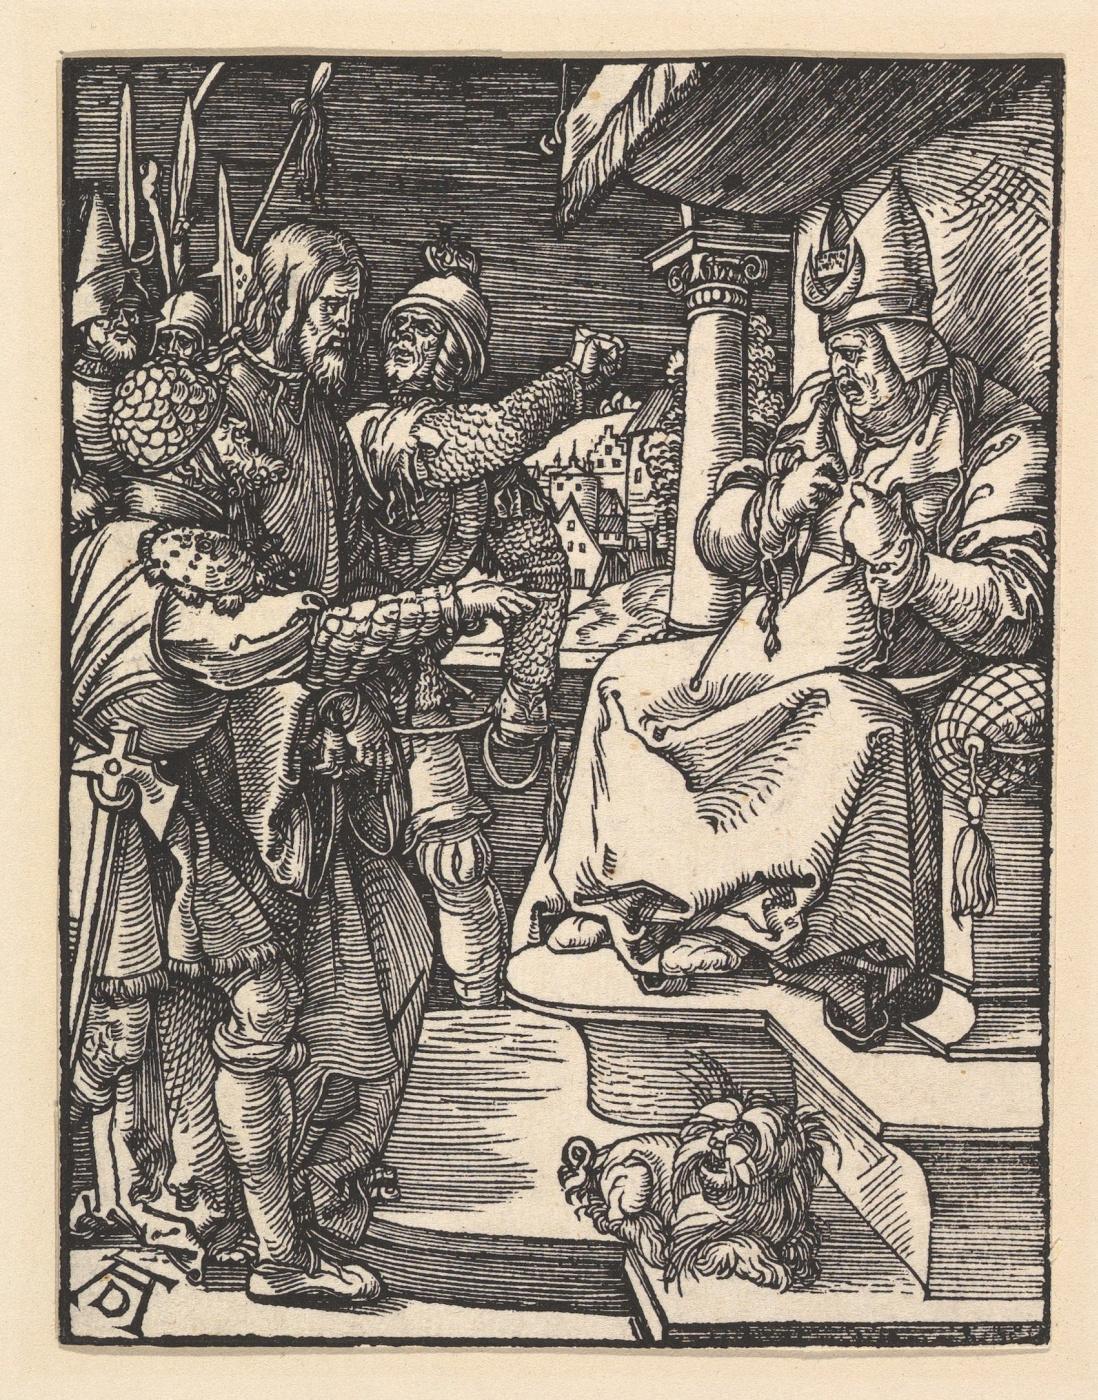 Albrecht Dürer. Christ before Caiaphas